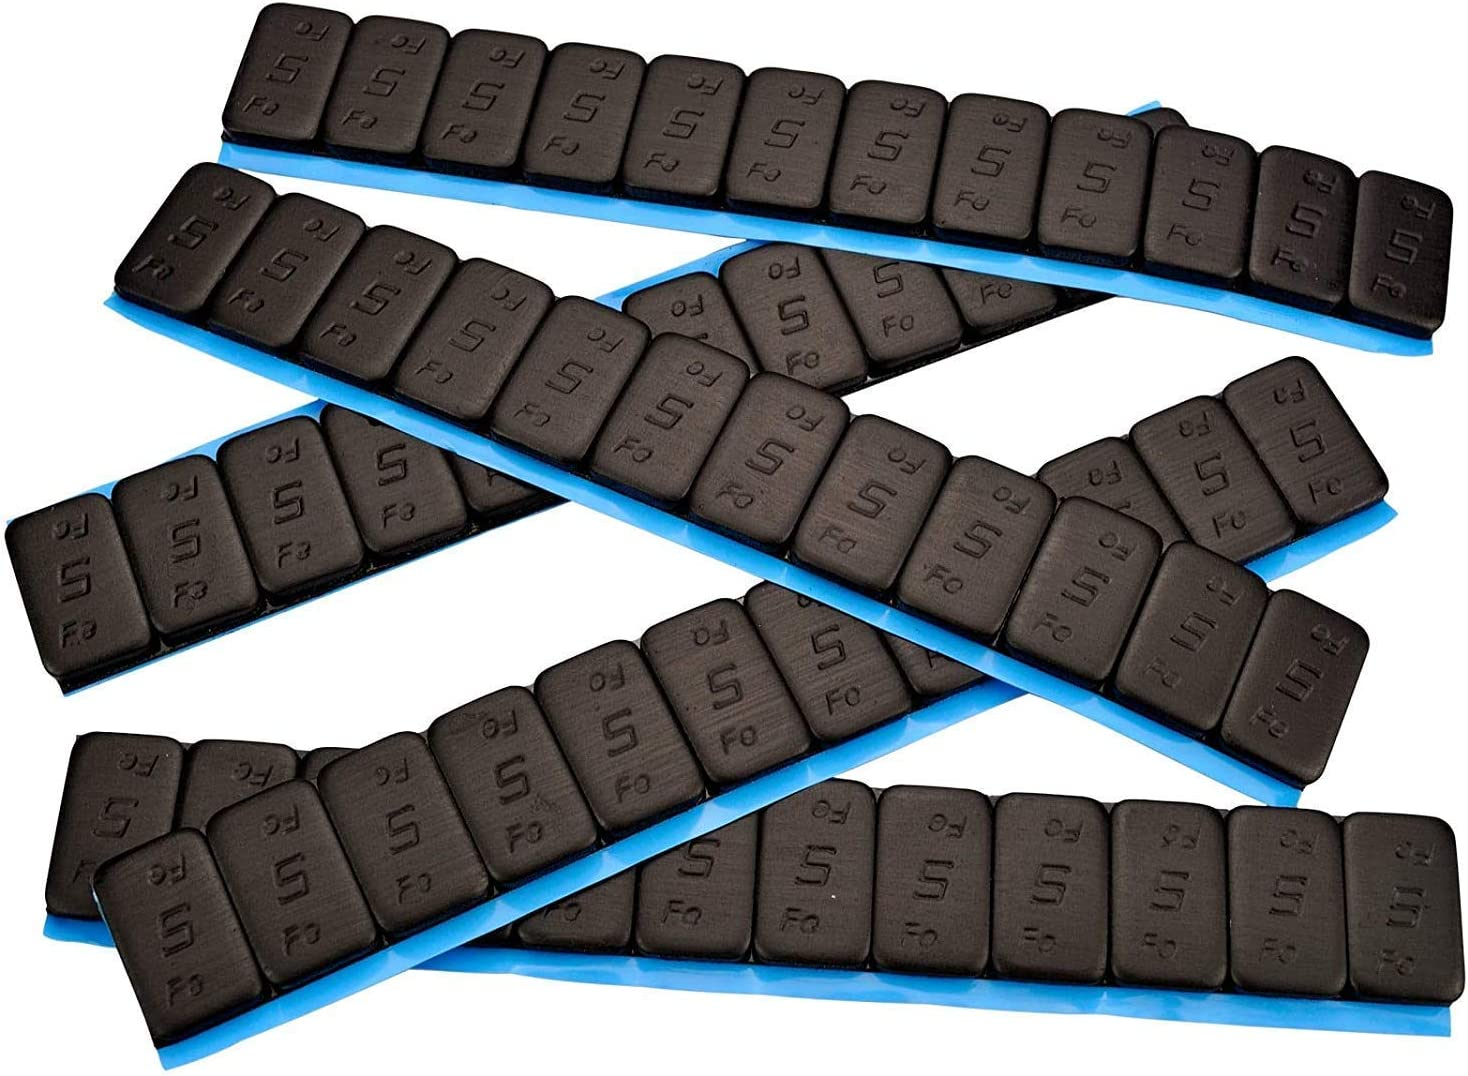 25 Contrapesos Negro 12x5g Pesos Adhesivos Pesos 60g con Rebordes Galvanizado & Recubierto kg Negro 5gx12 1,5kg